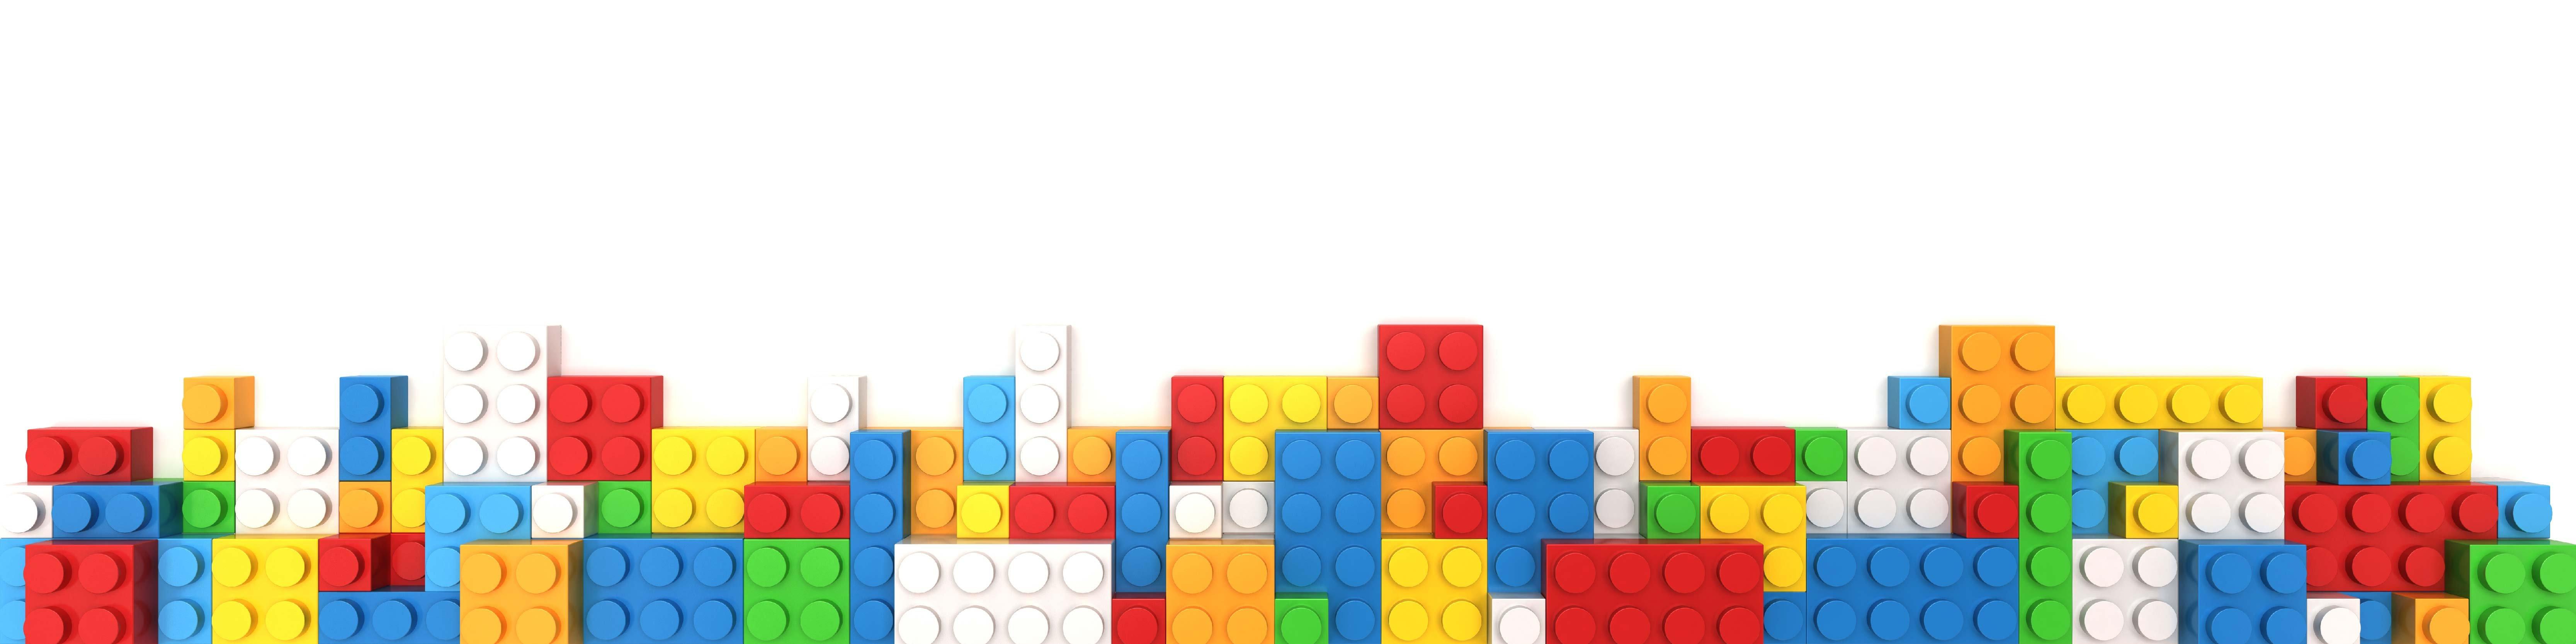 Lego blog-01